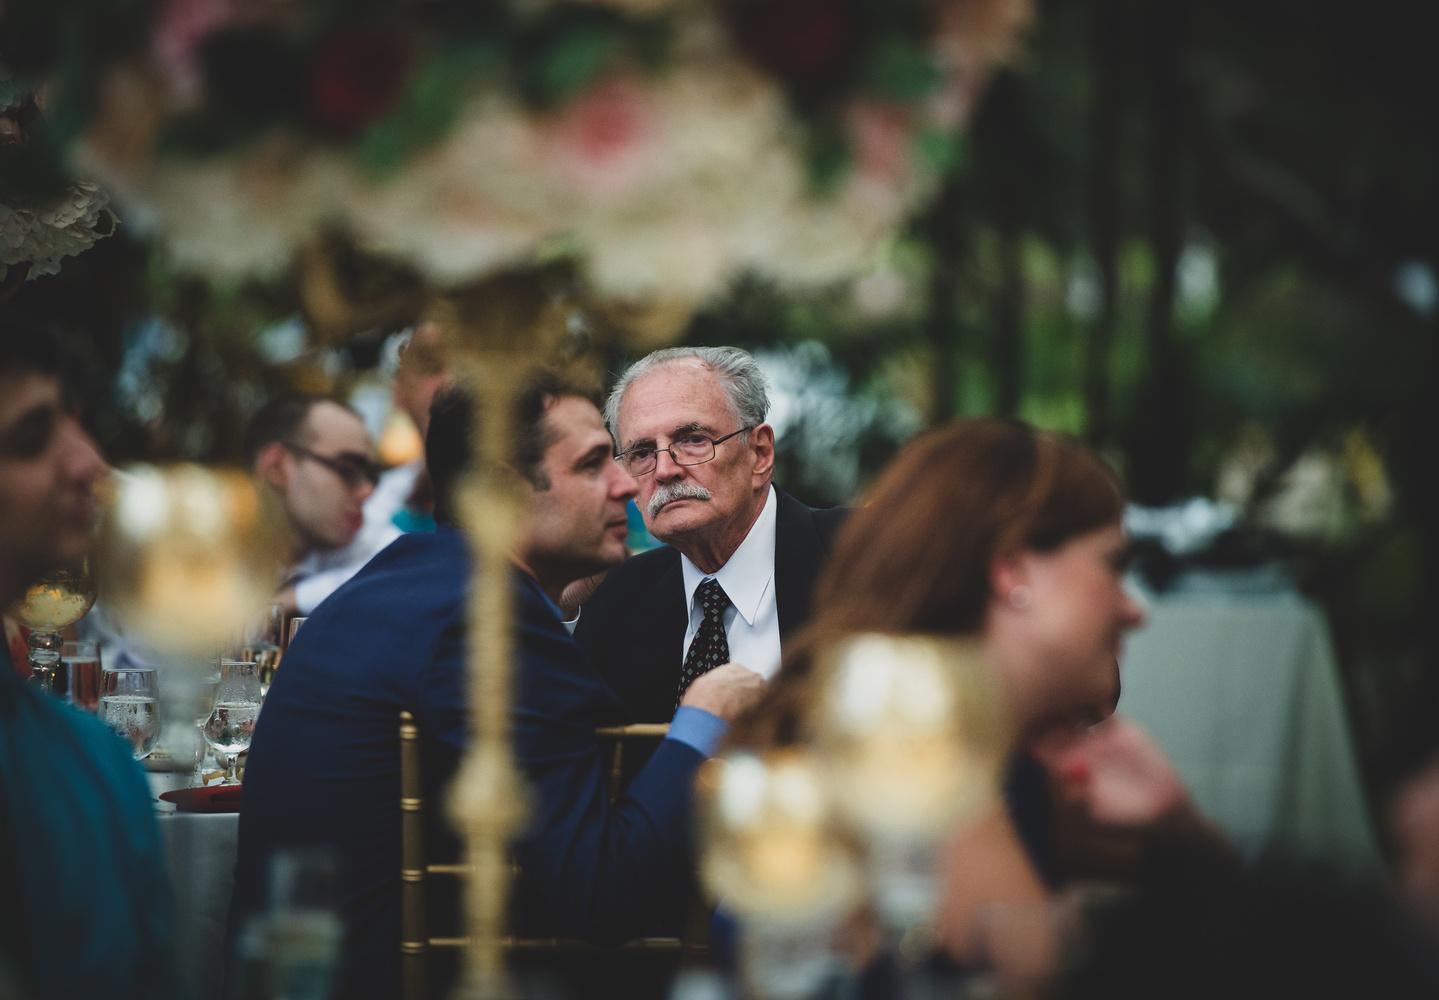 Bride's Grandfather by Adriana Avello